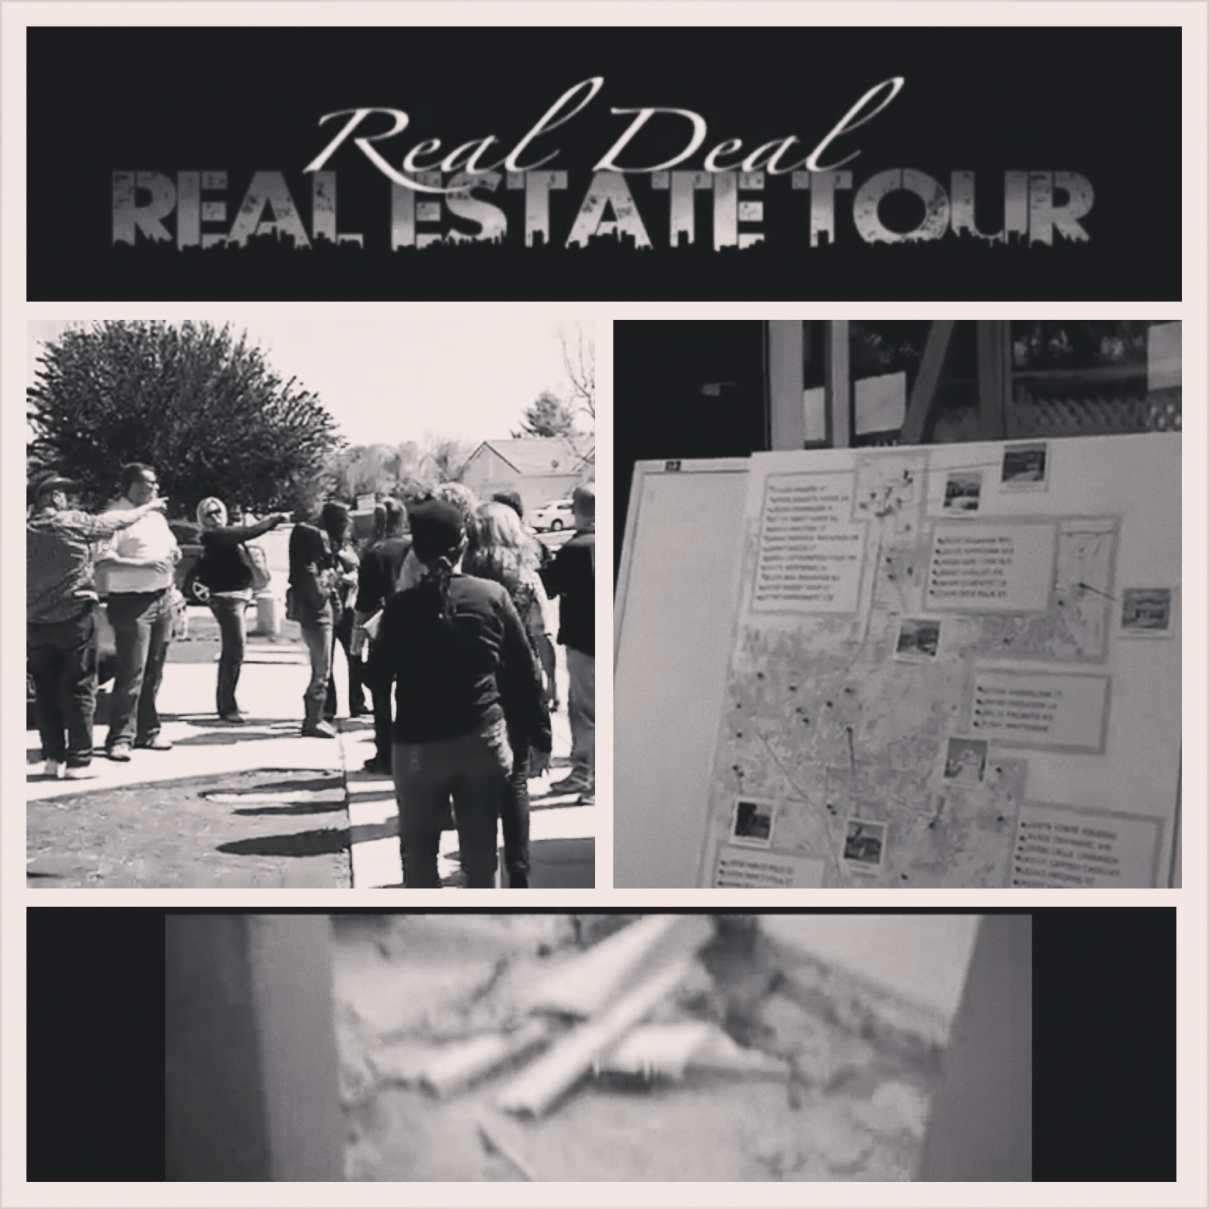 RealDealRealEstateInvestors.com